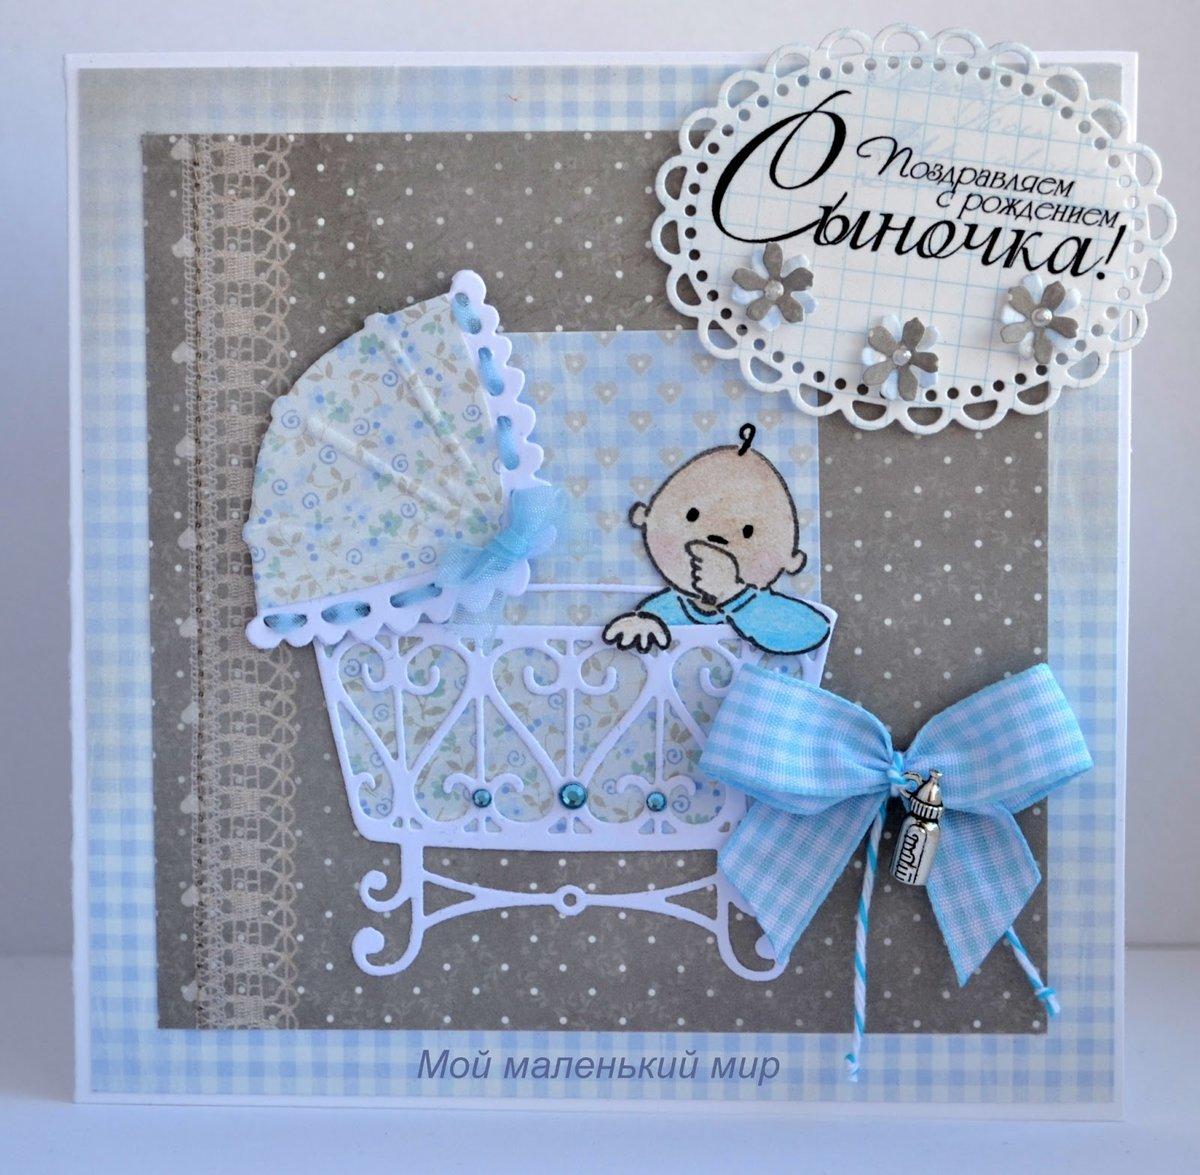 Как сделать открытку с рождением ребенка своими руками 45